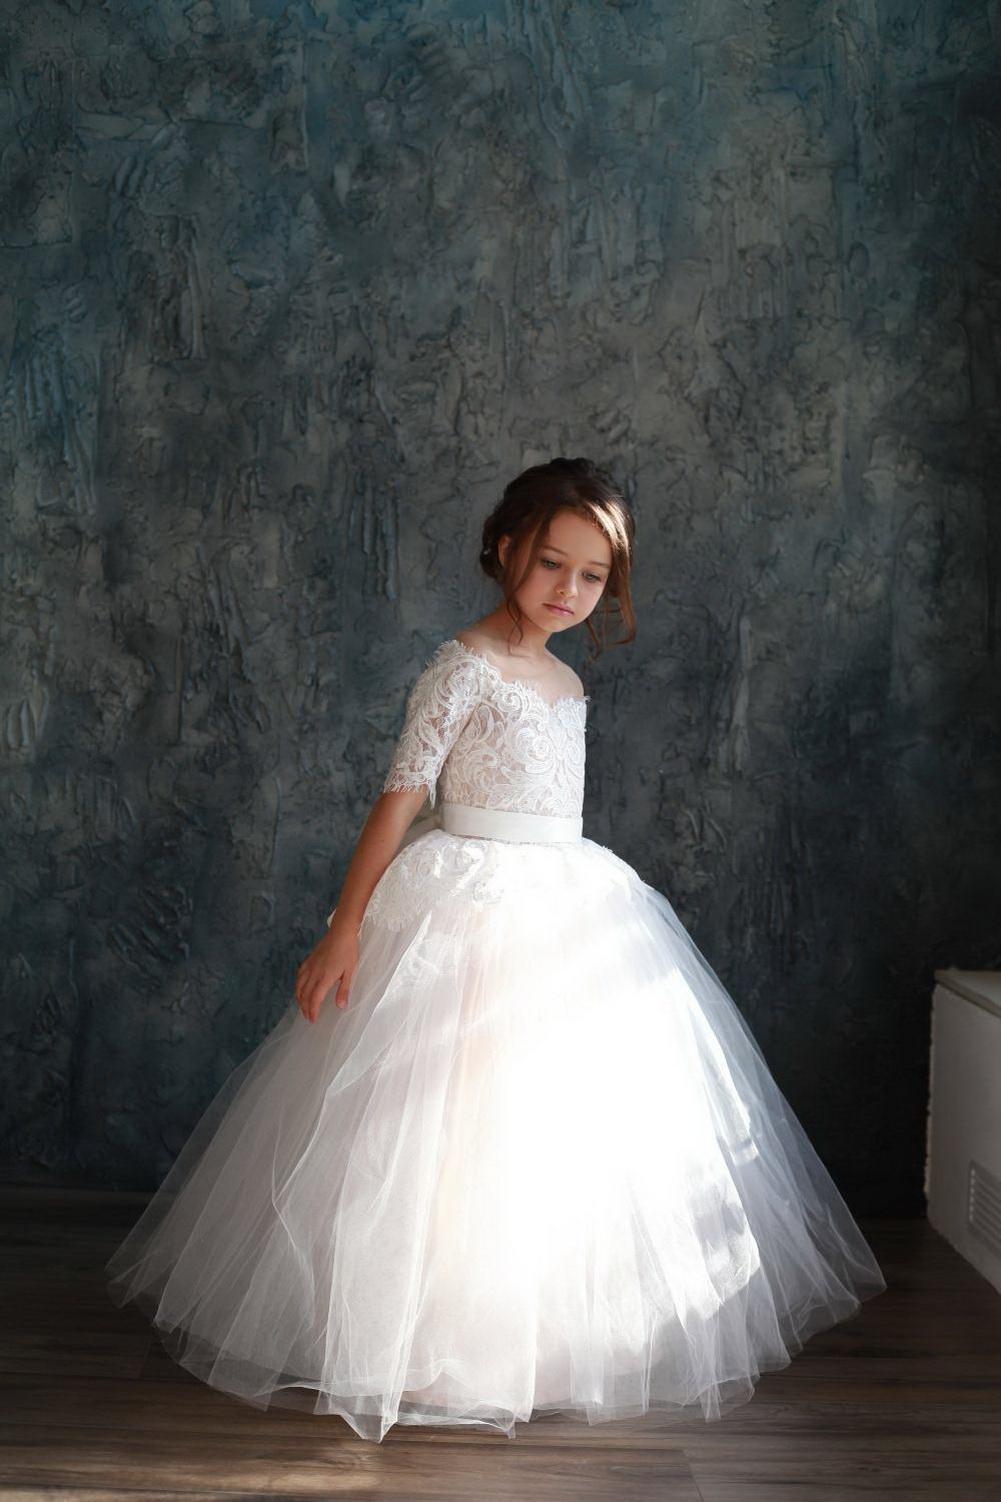 Blancos de marfil del vestido de bola vestidos de niña para bodas de la princesa del cordón de tul media manga de primera comunión santa Vestidos